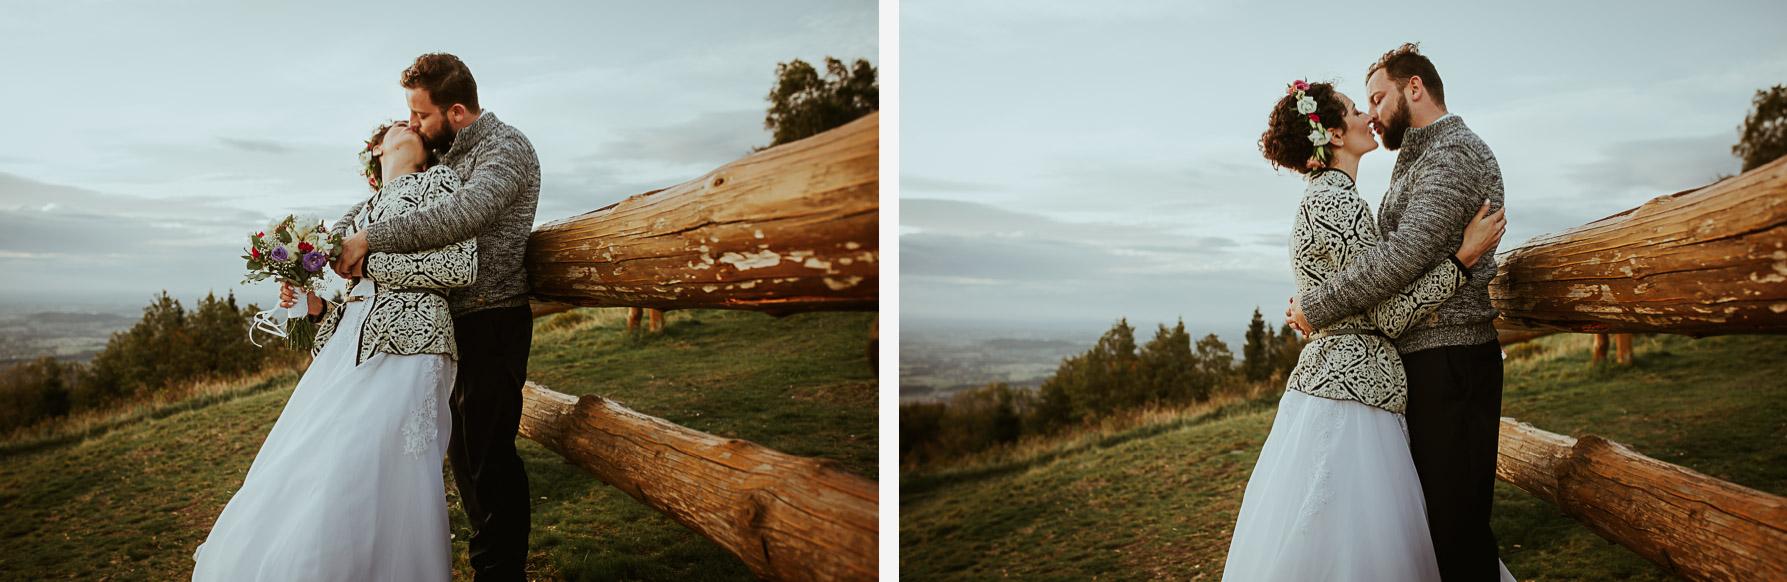 Sesja Ślubna w górach jesień 053 a10